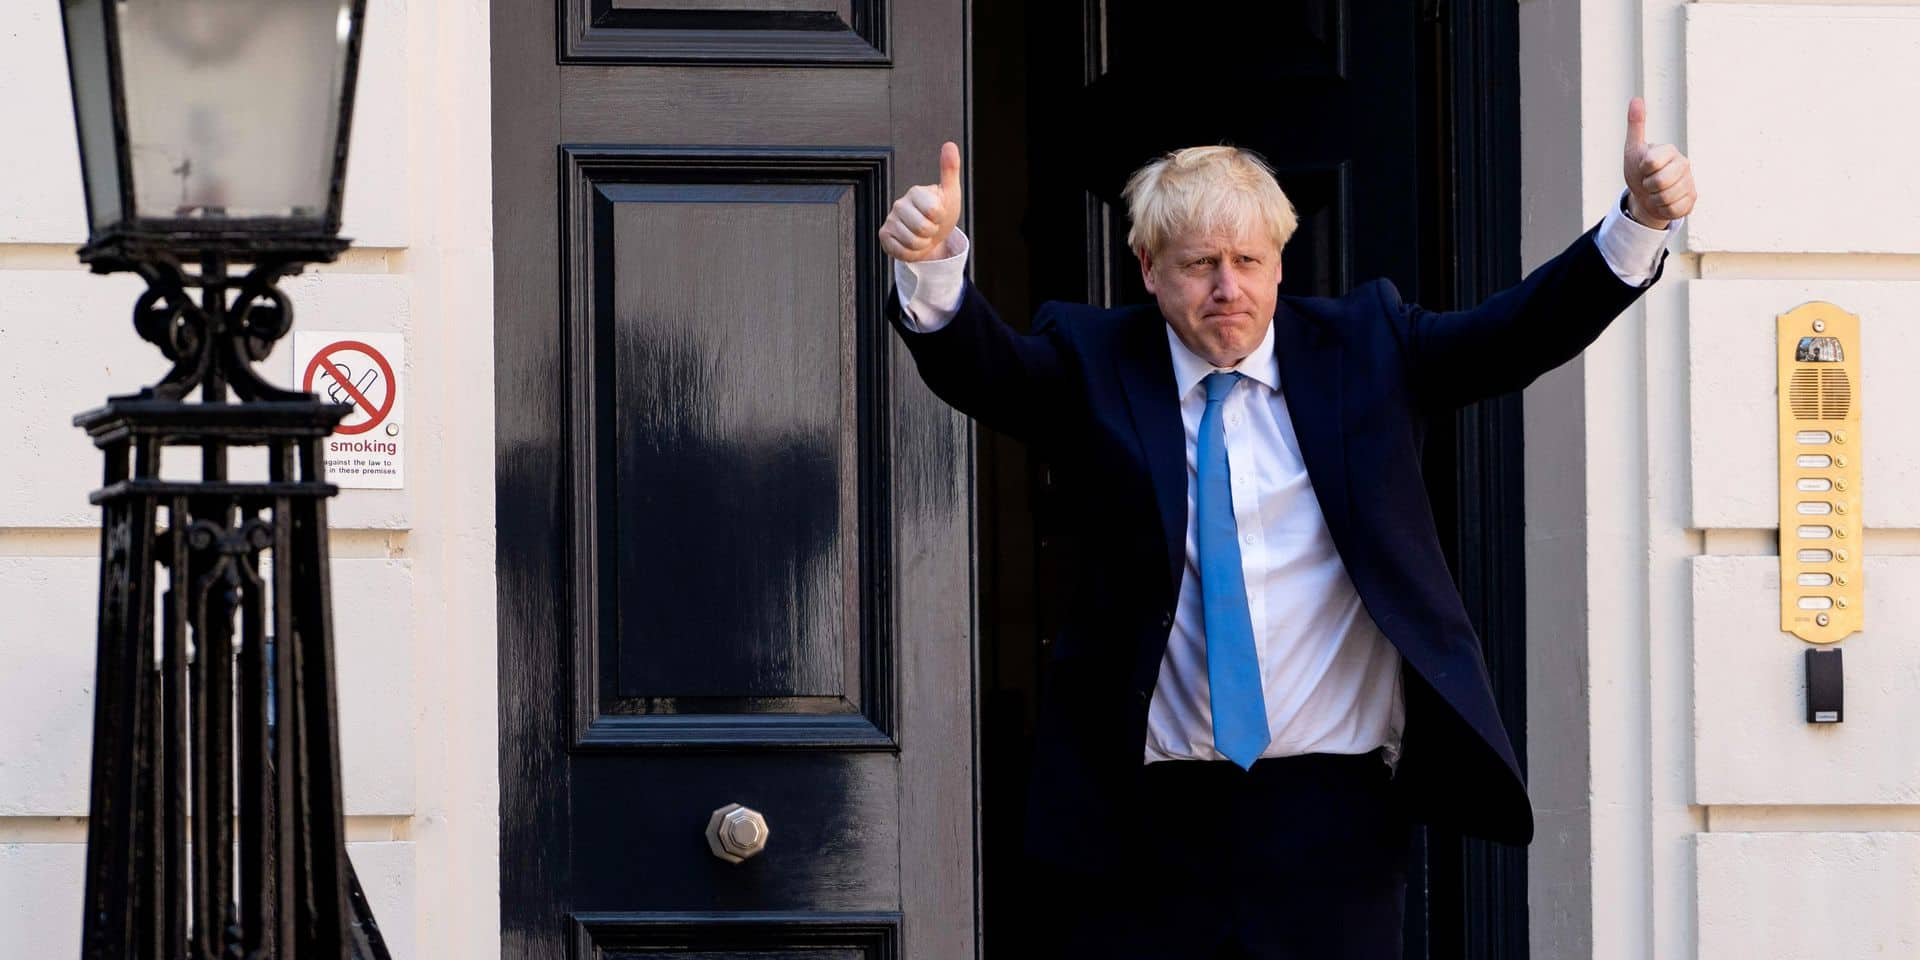 L'arrivée de Boris Johnson n'est pas une bonne nouvelle pour l'Union européenne